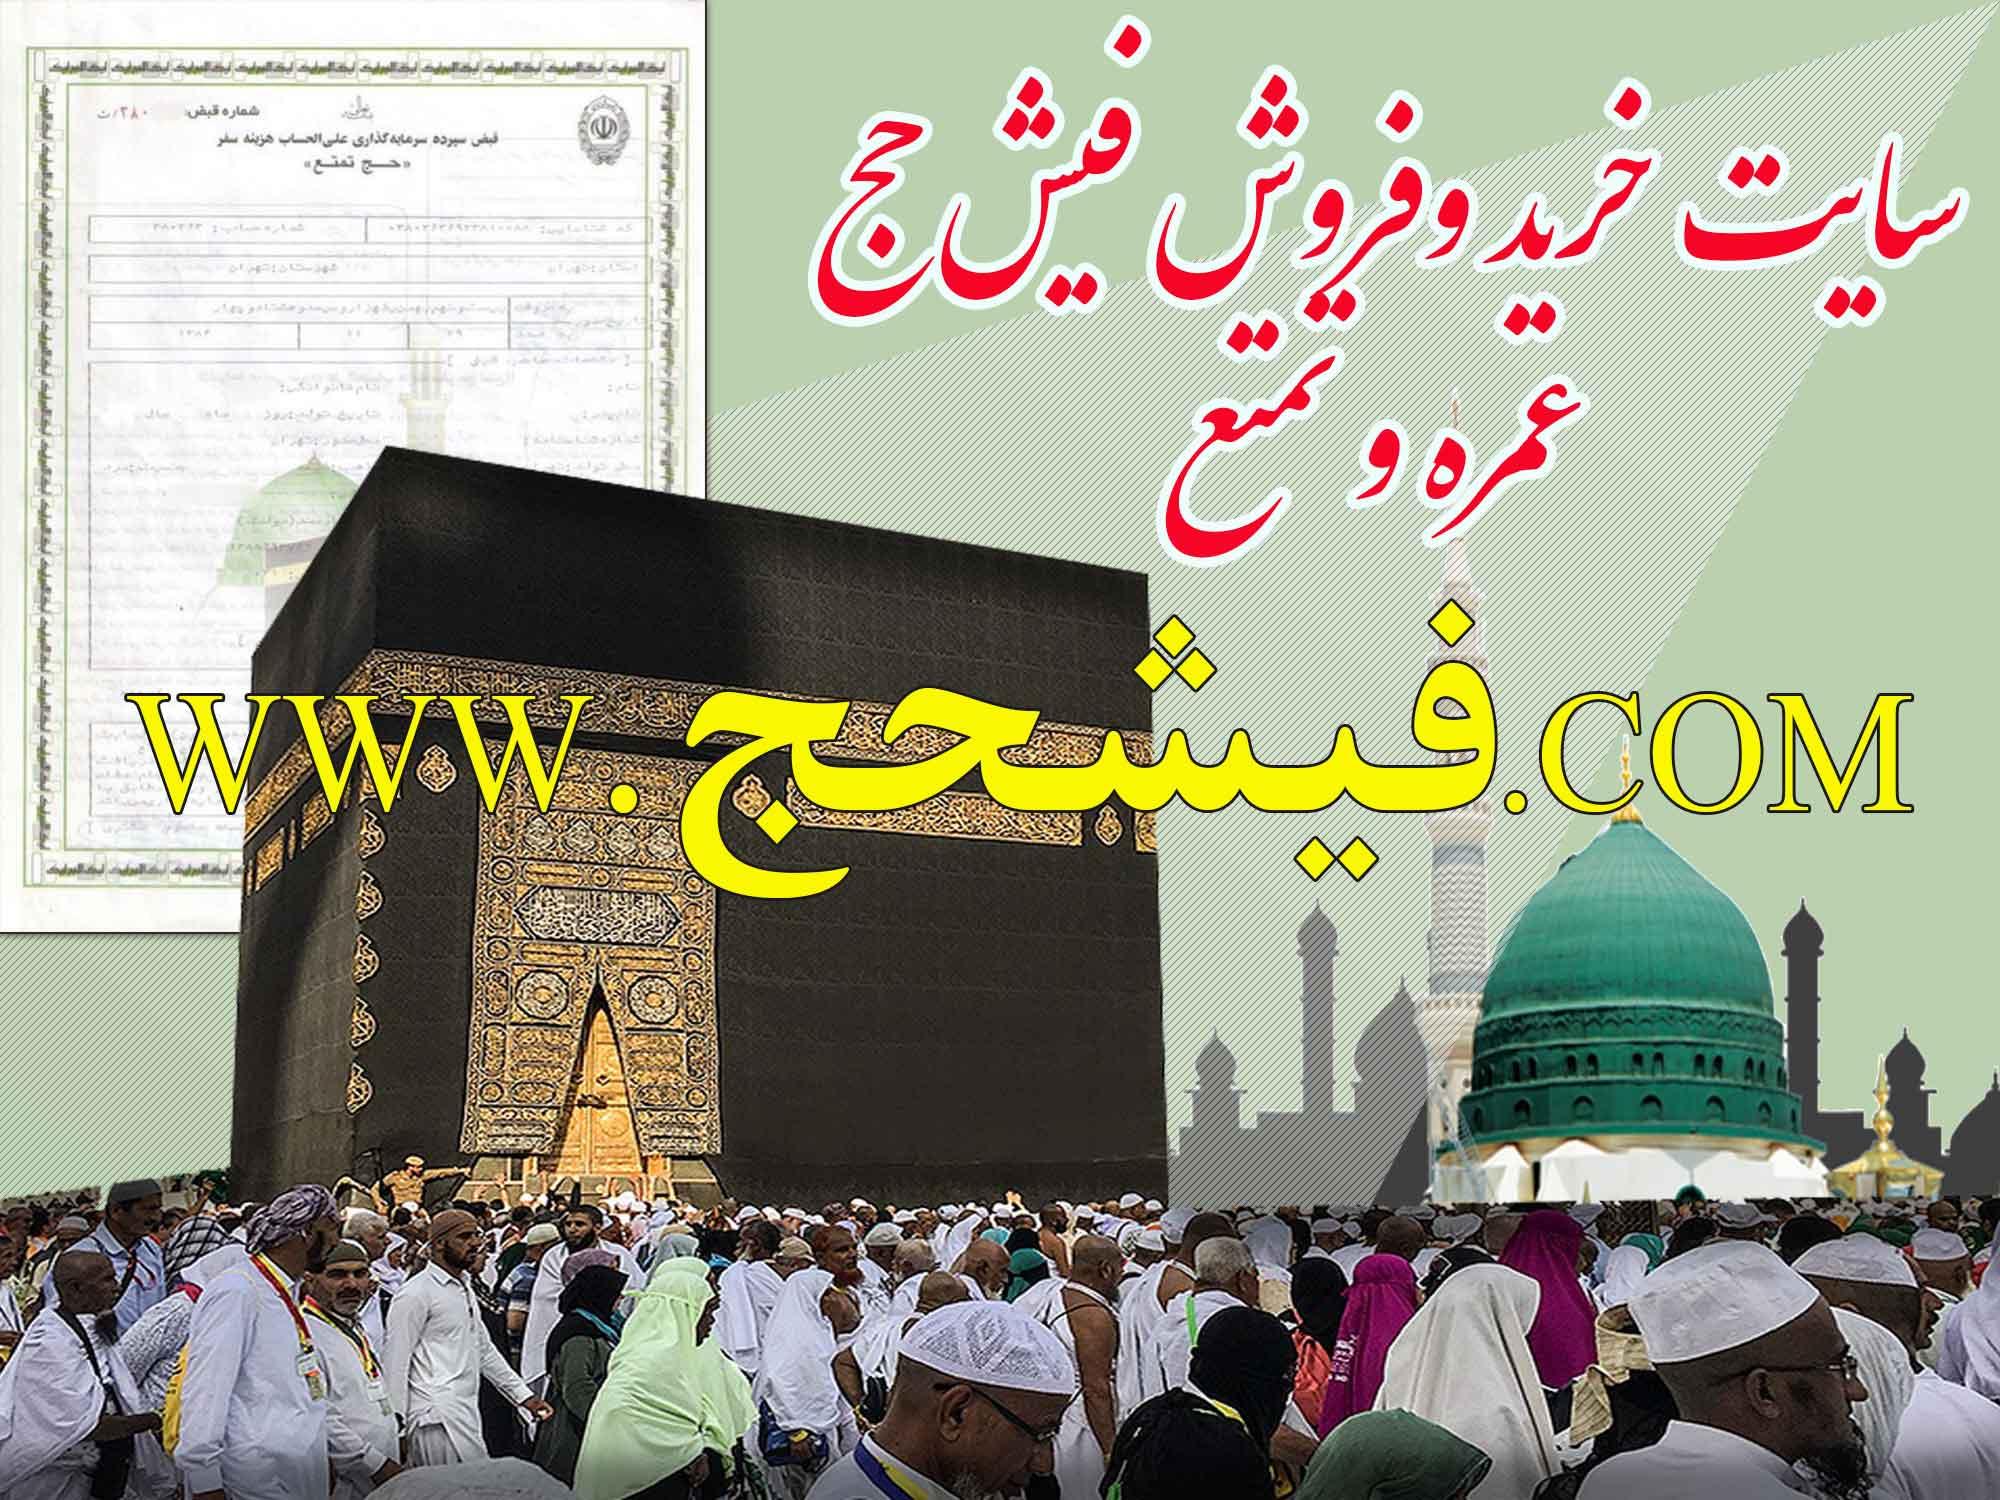 دفتر-خدمات-فیش-حج-عمره-و-تمتع-حاج-باقری-09100999609